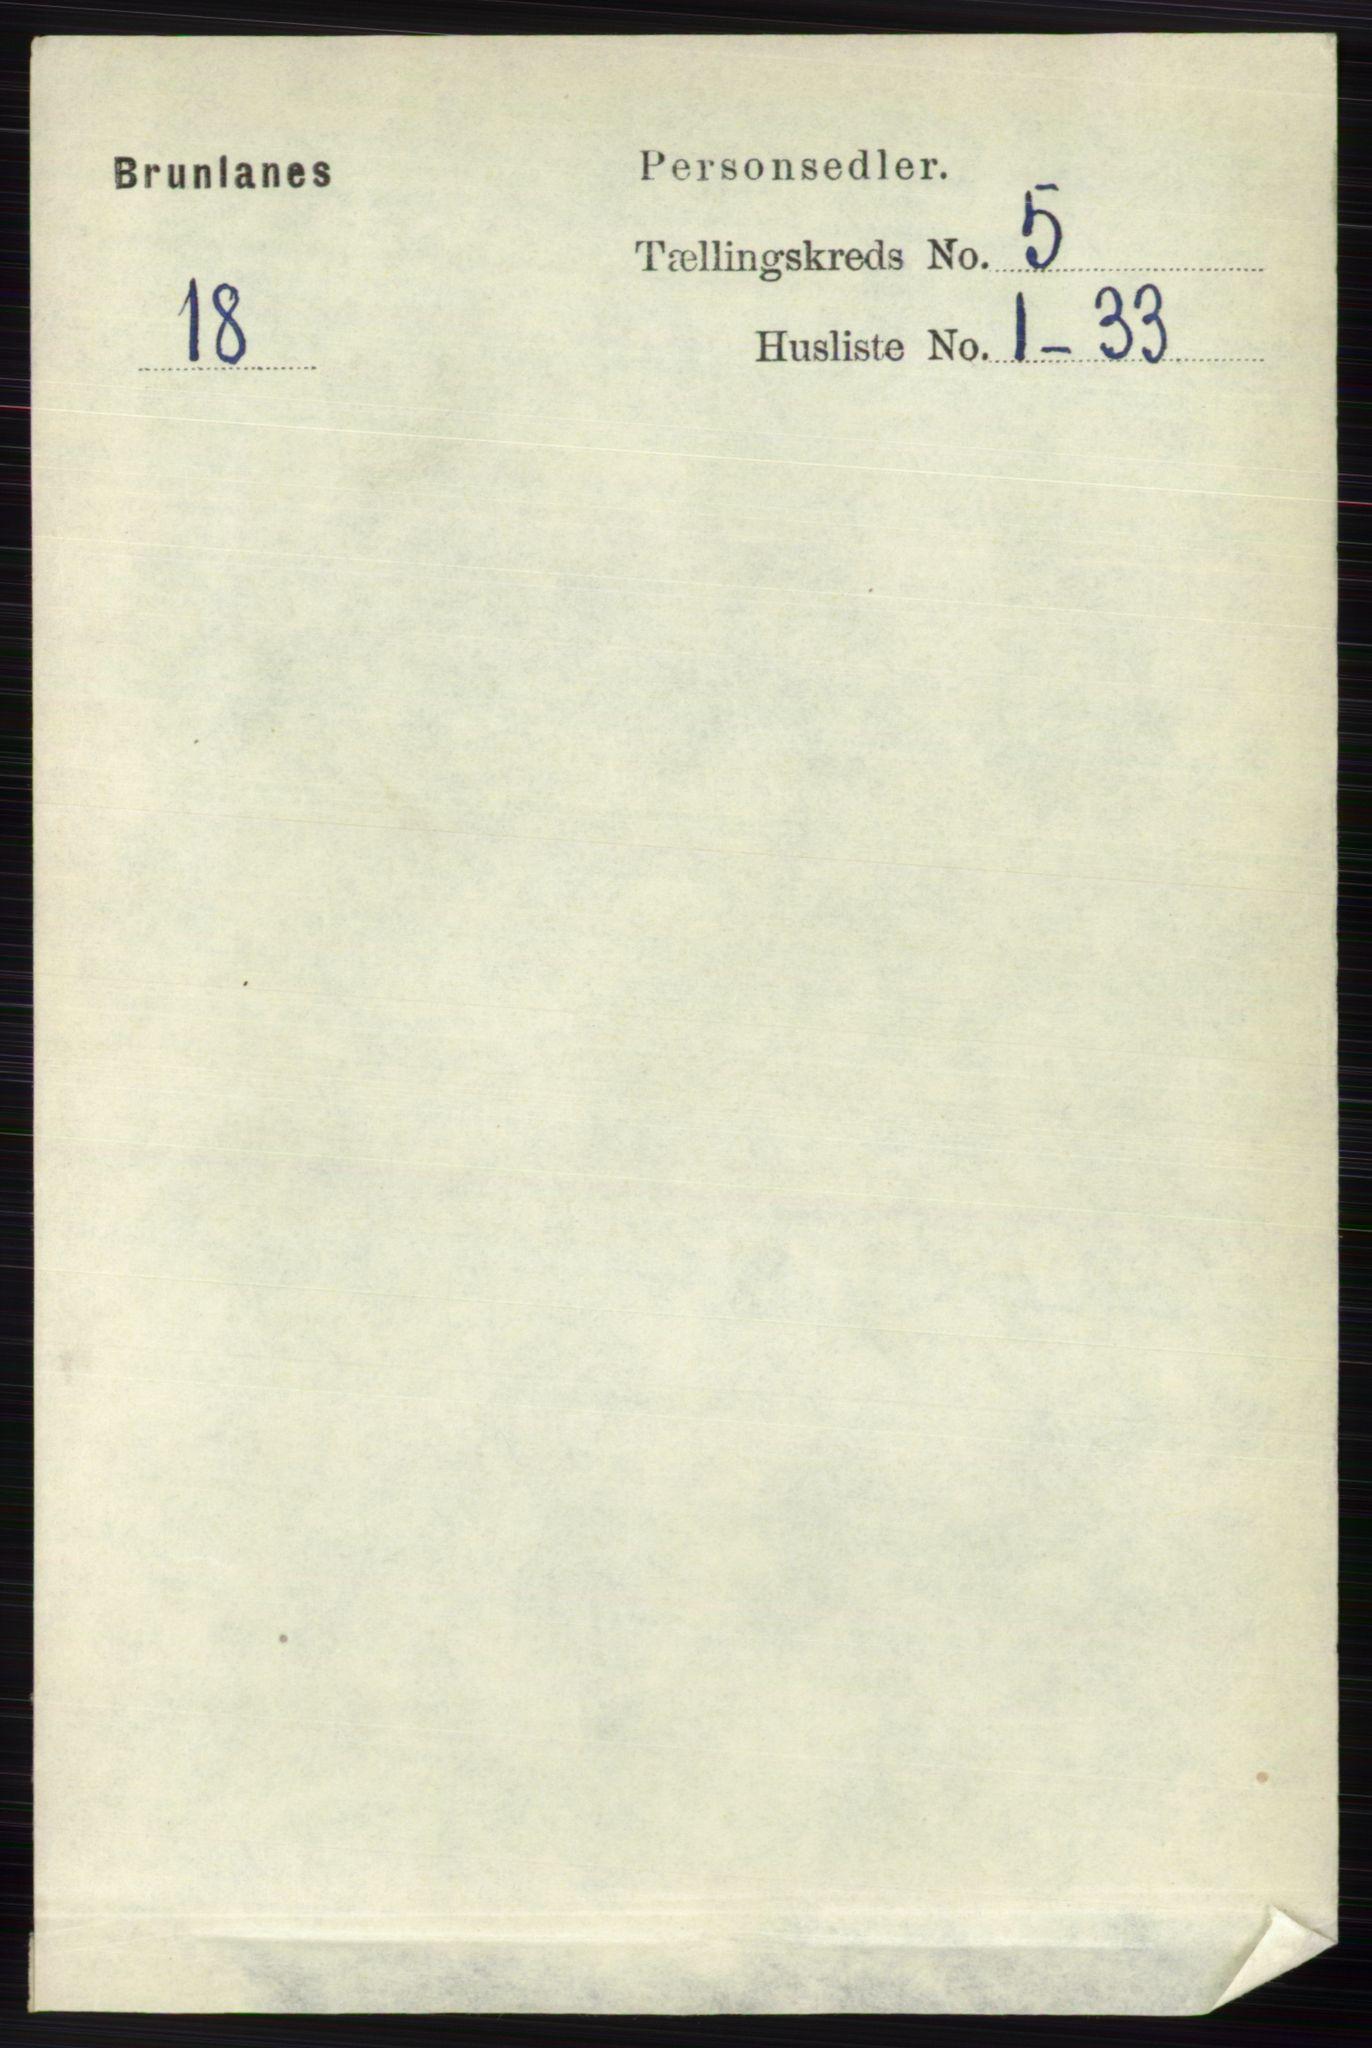 RA, Folketelling 1891 for 0726 Brunlanes herred, 1891, s. 2234